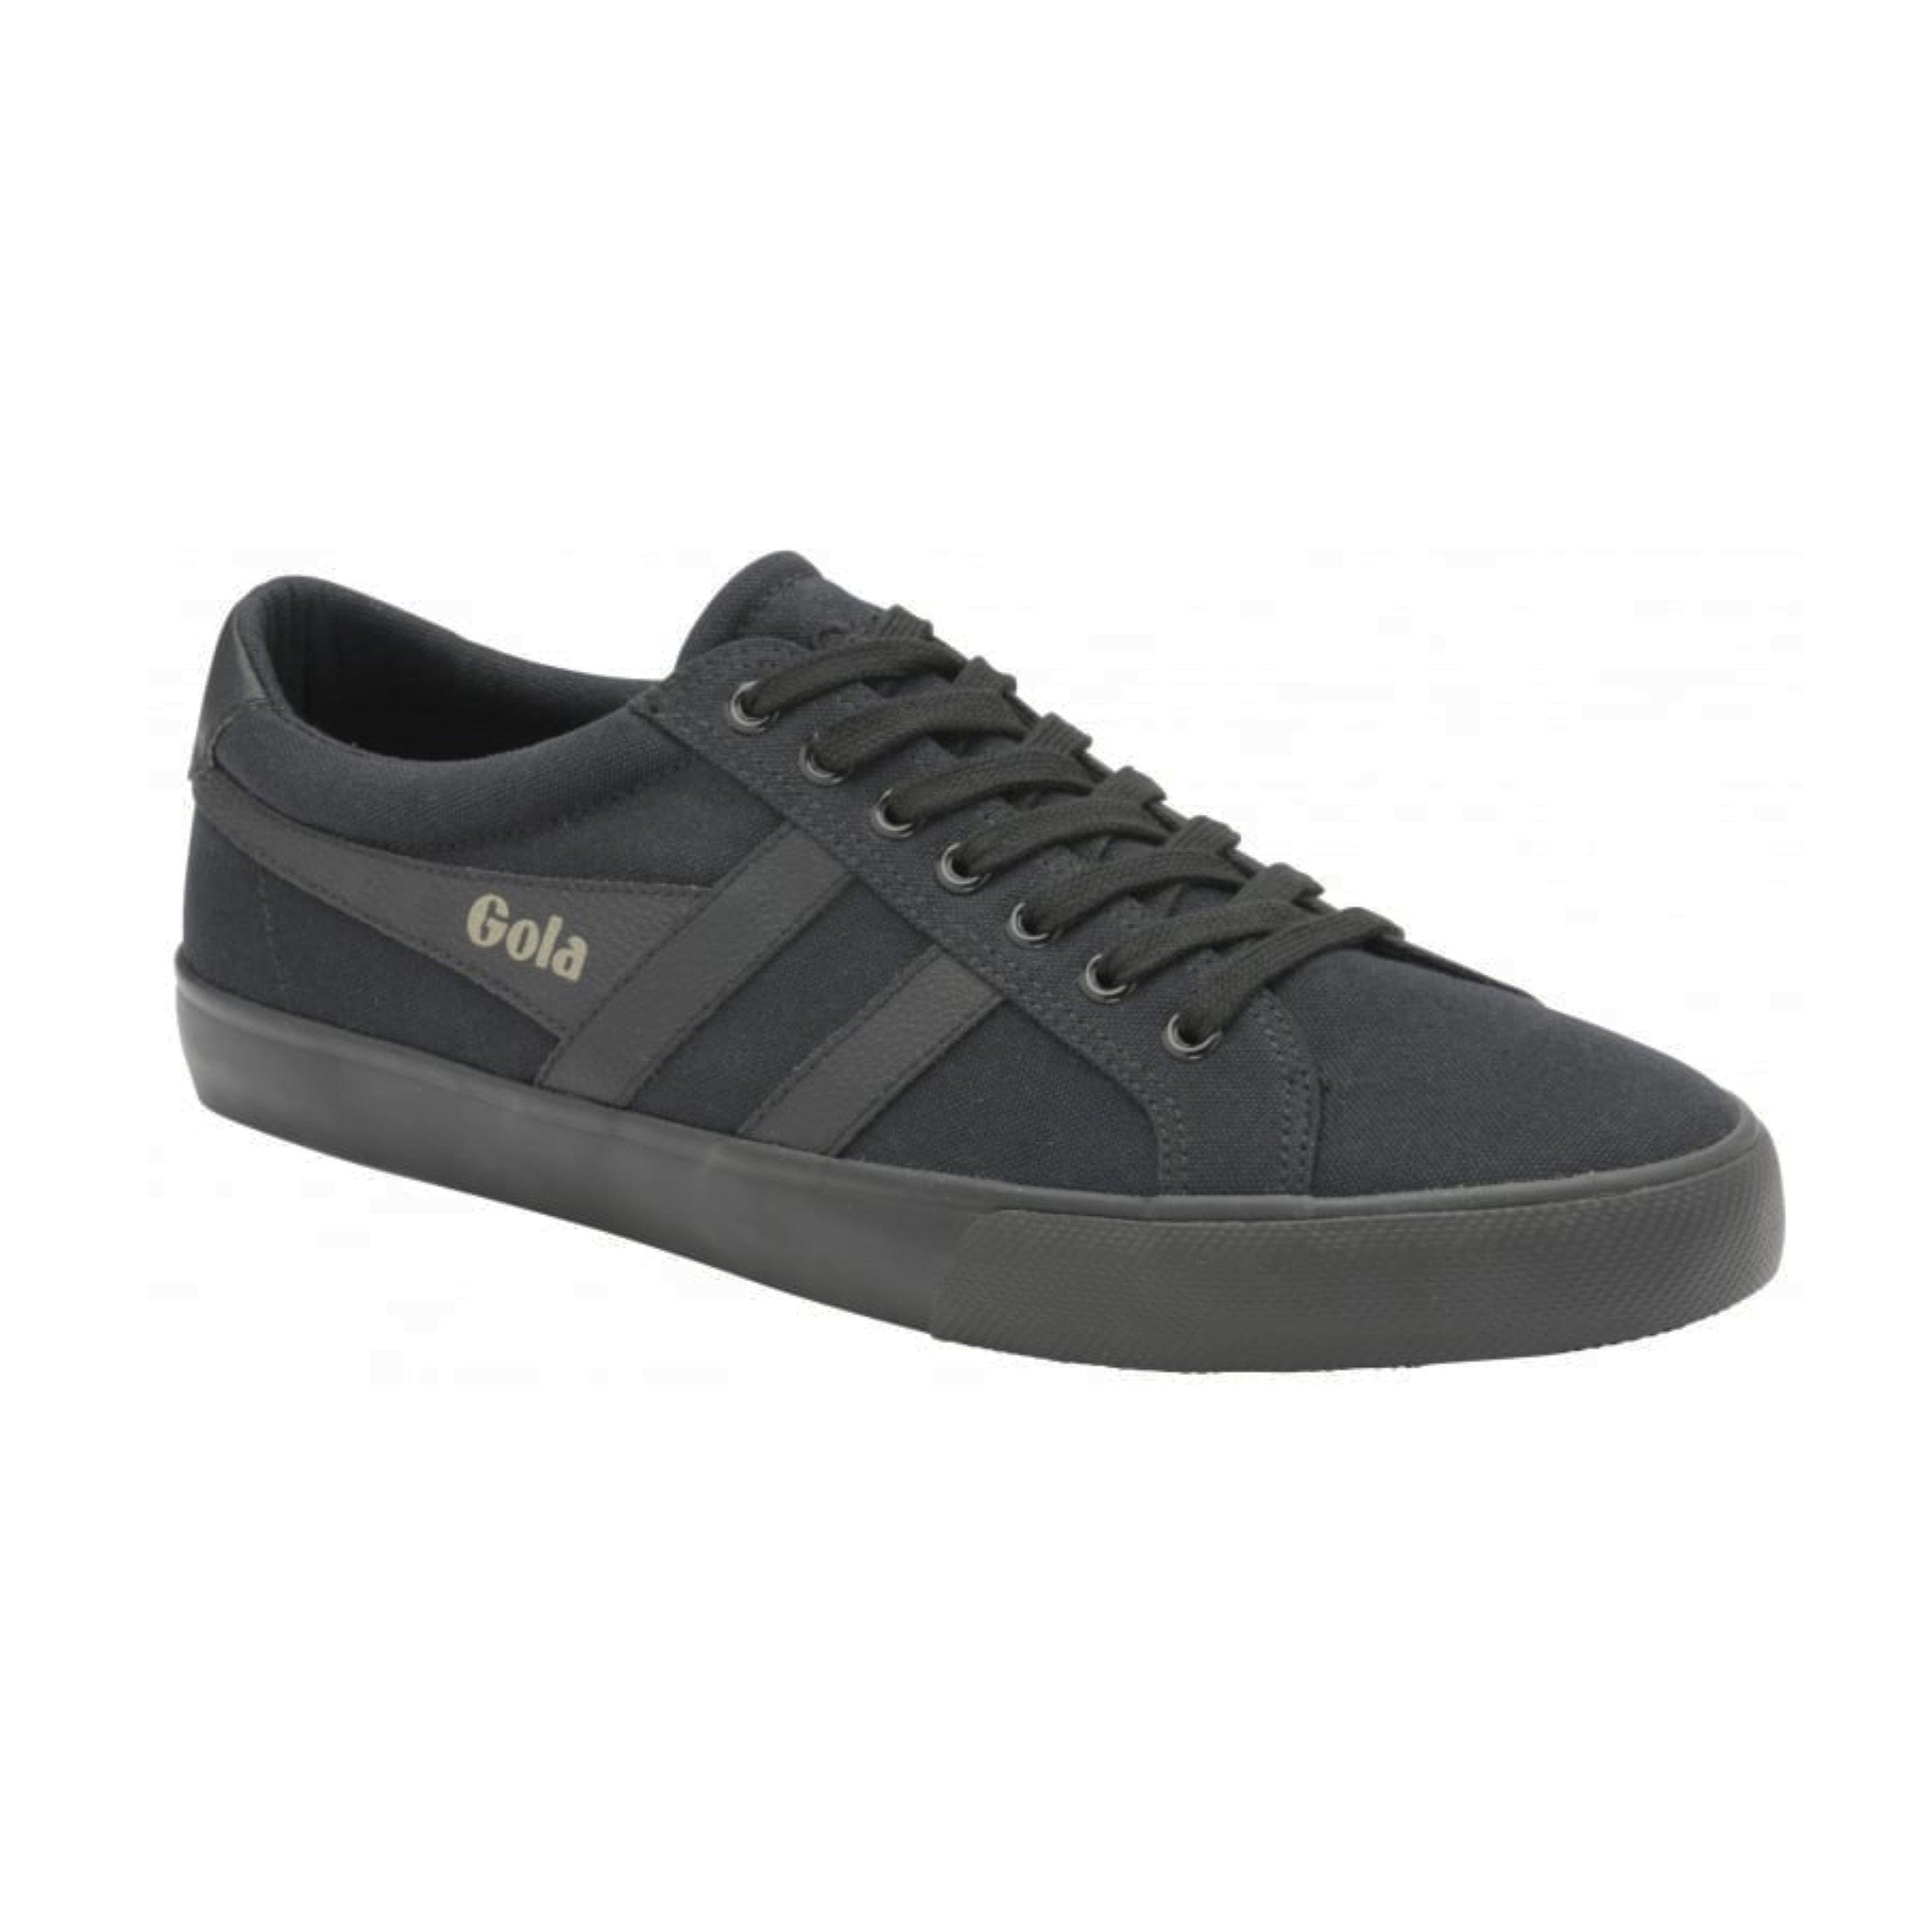 Gola Varsity Cma331 - נעלי סניקרס בעיצוב רטרו בצבע שחור